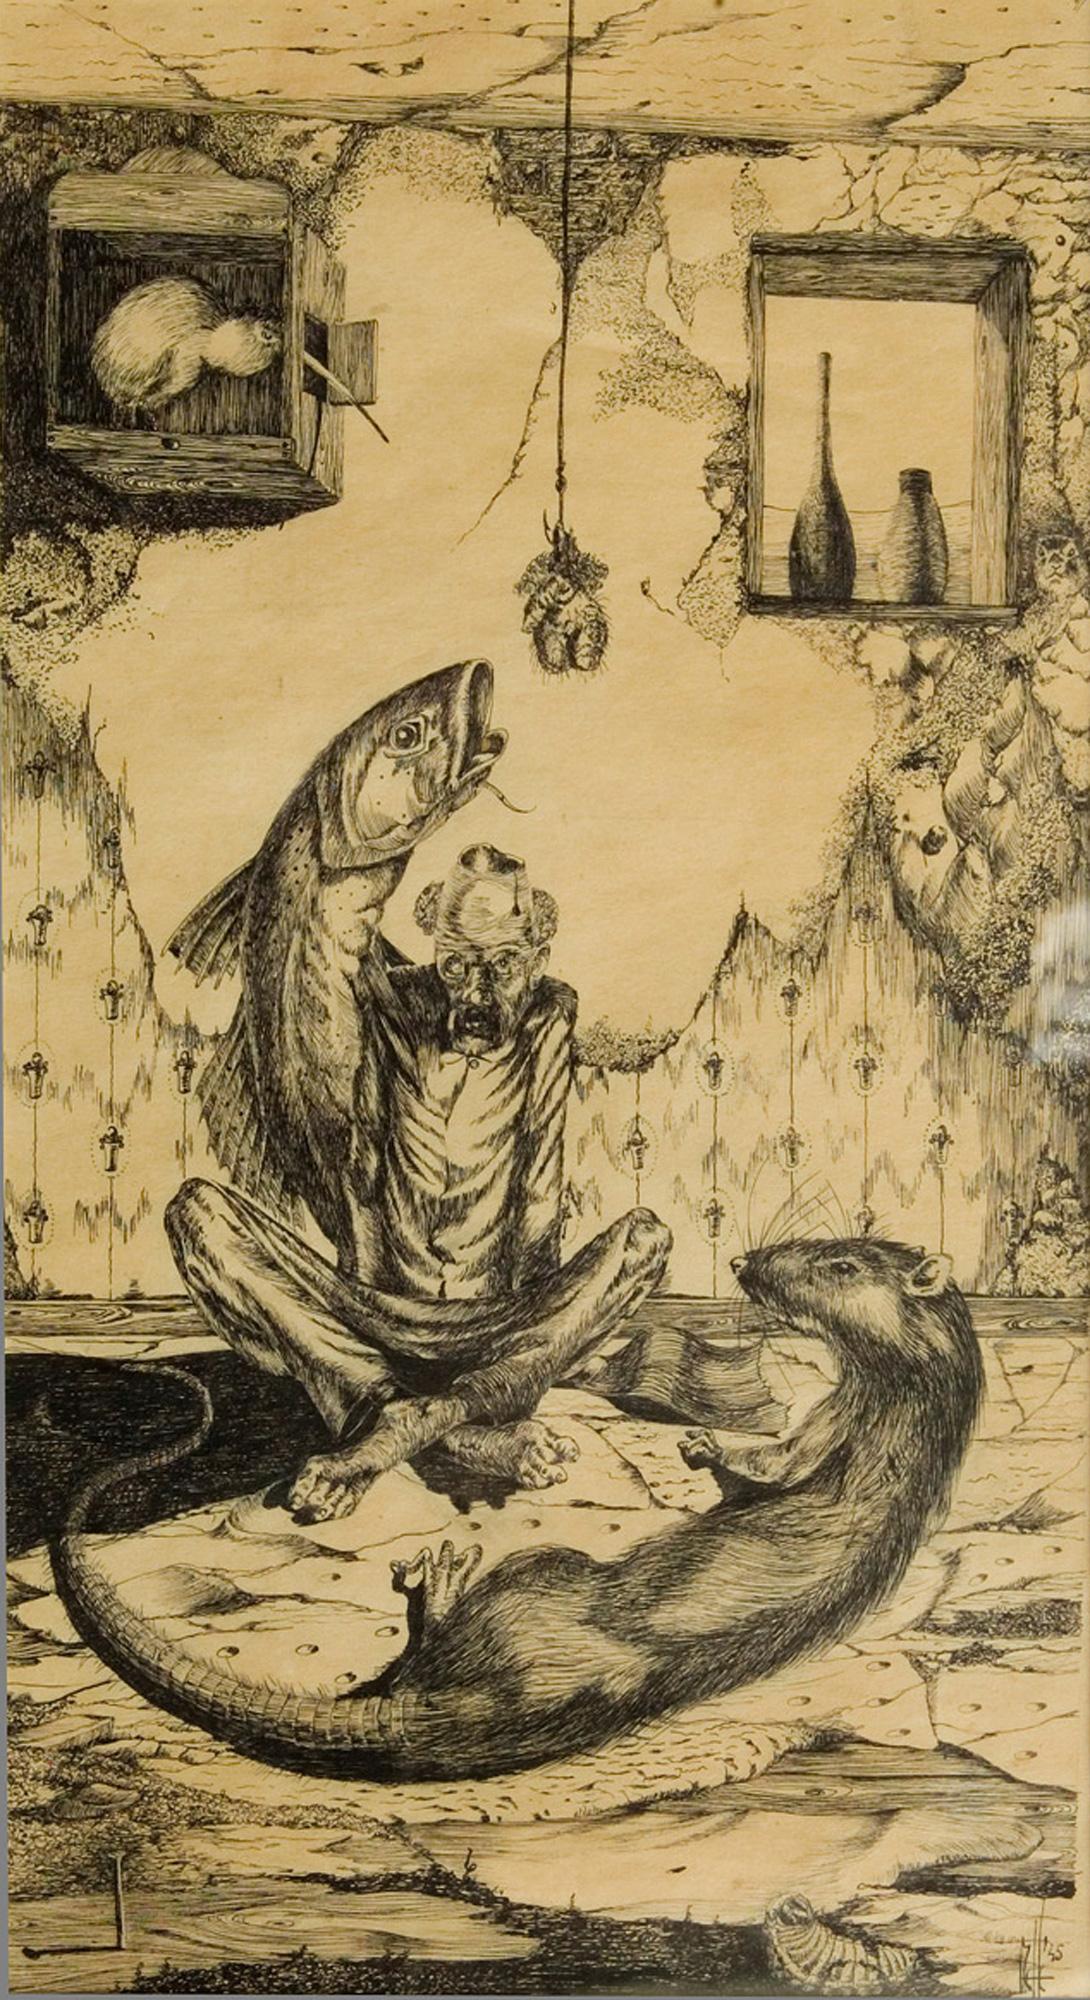 Melle schilder | hongerwinter, oostindische inkt op papier